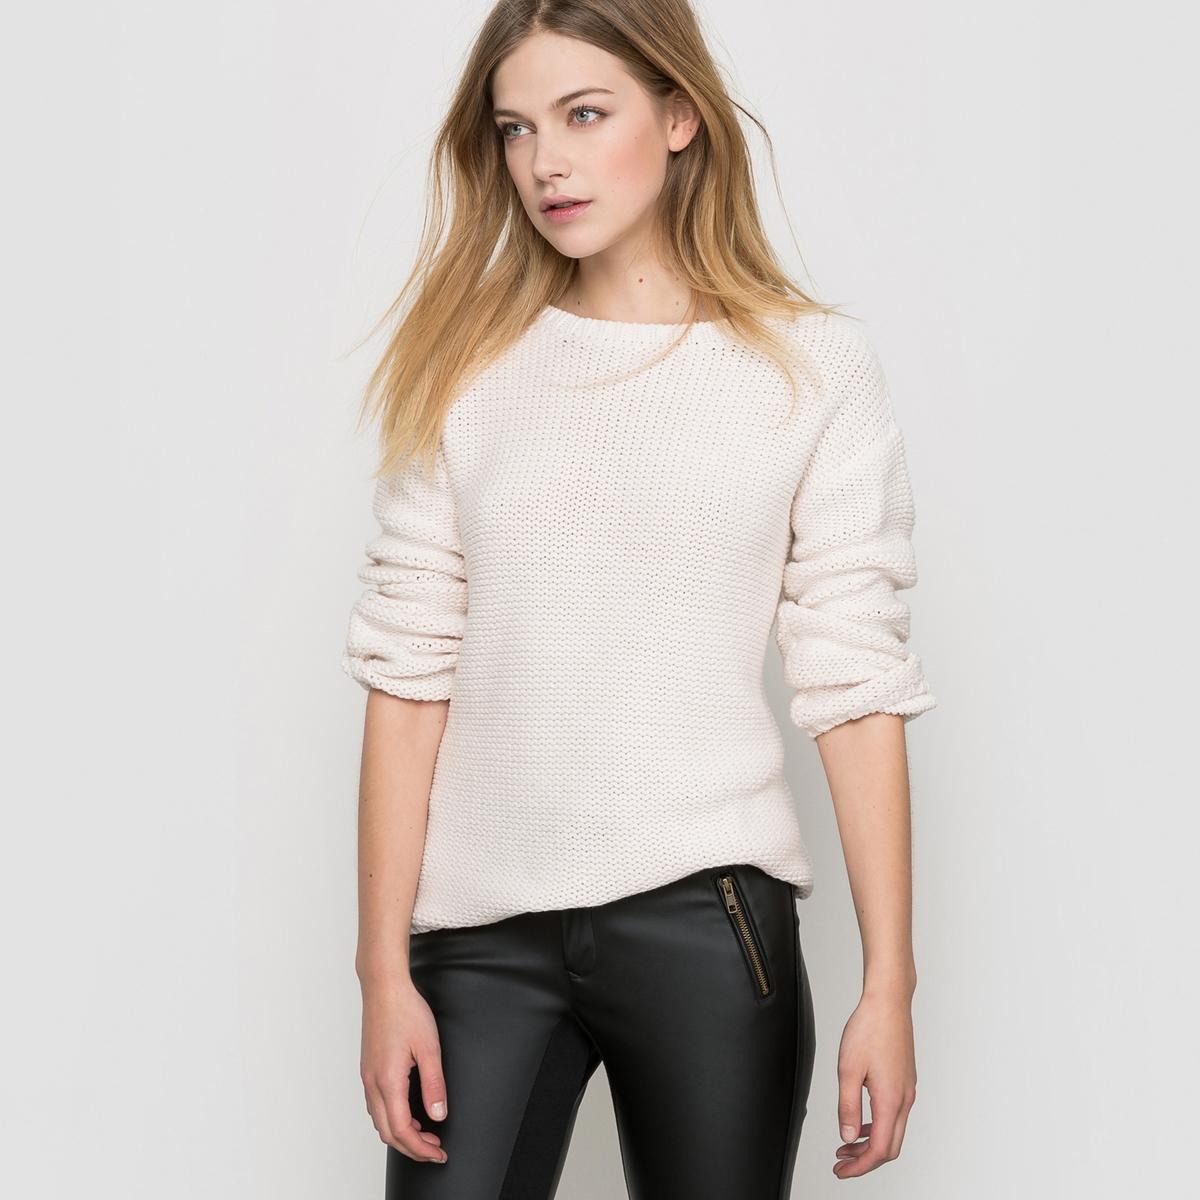 Пуловер широкого покрояПуловерЗакругленный вырезДлинные рукаваКрая связаны в рубчик Длина 63 см<br><br>Цвет: экрю<br>Размер: 46/48 (FR) - 52/54 (RUS)